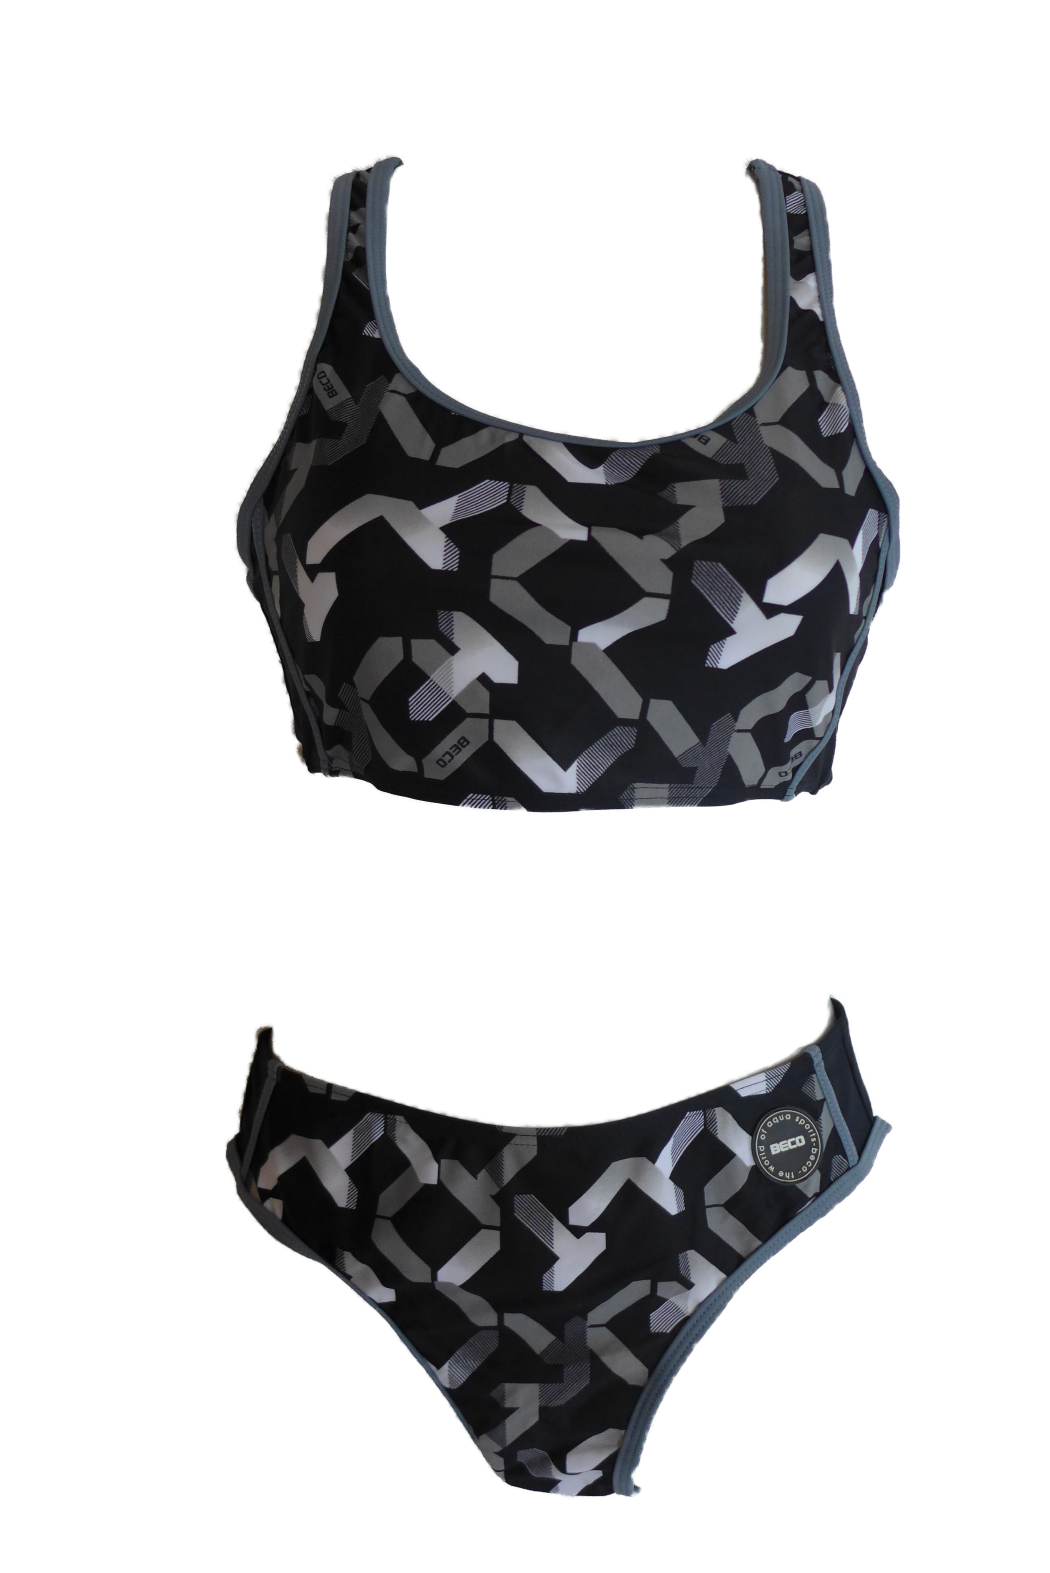 Damen Sport Bikini Schwarz/Grau/Weiß gemustert Gr. 36 38 40 42 44 46 NEU